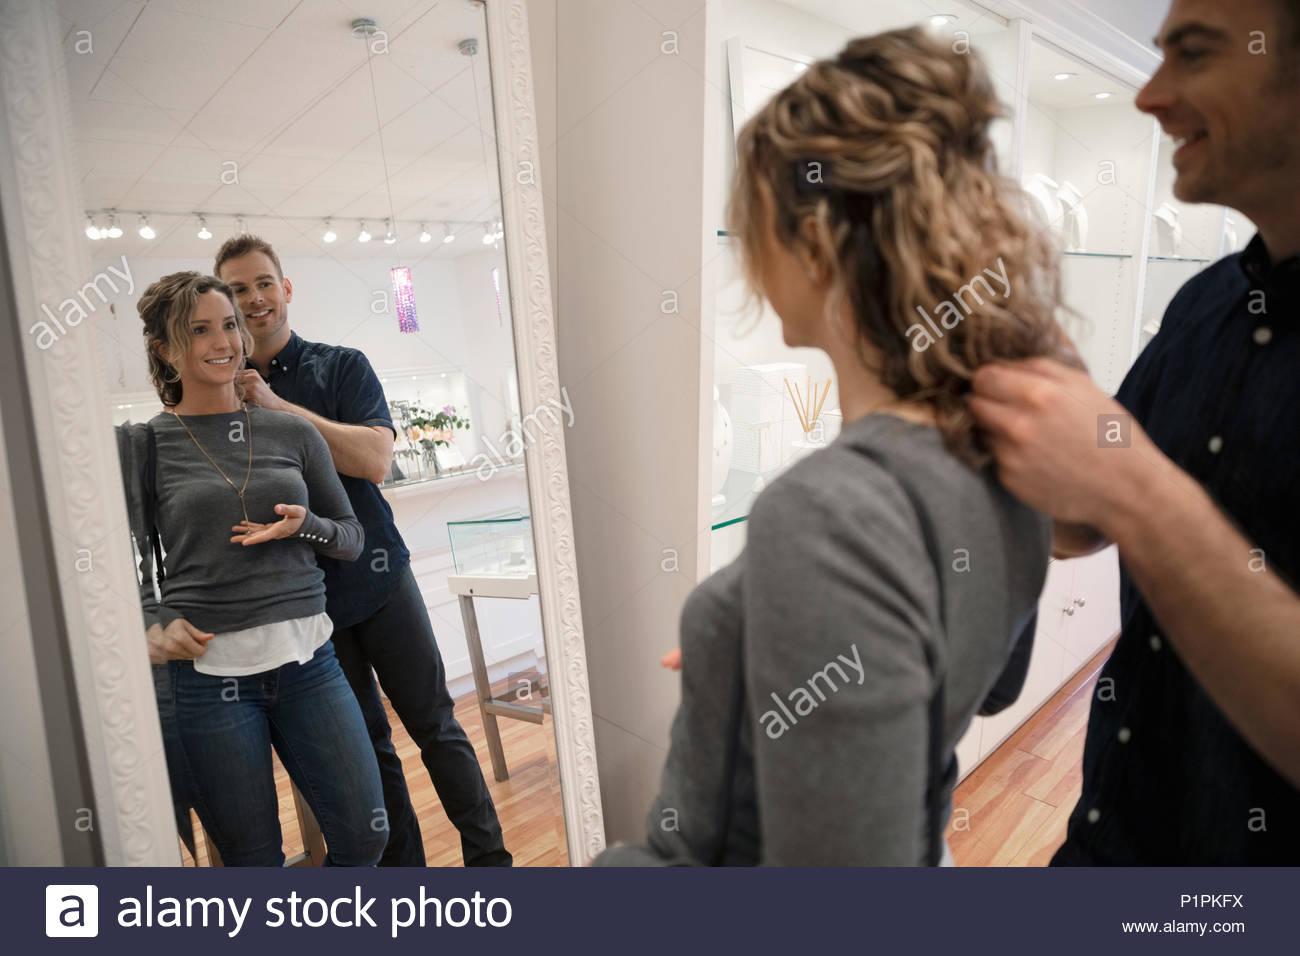 Fidanzato aiutando ragazza provare su collana in gioielleria boutique specchio Immagini Stock